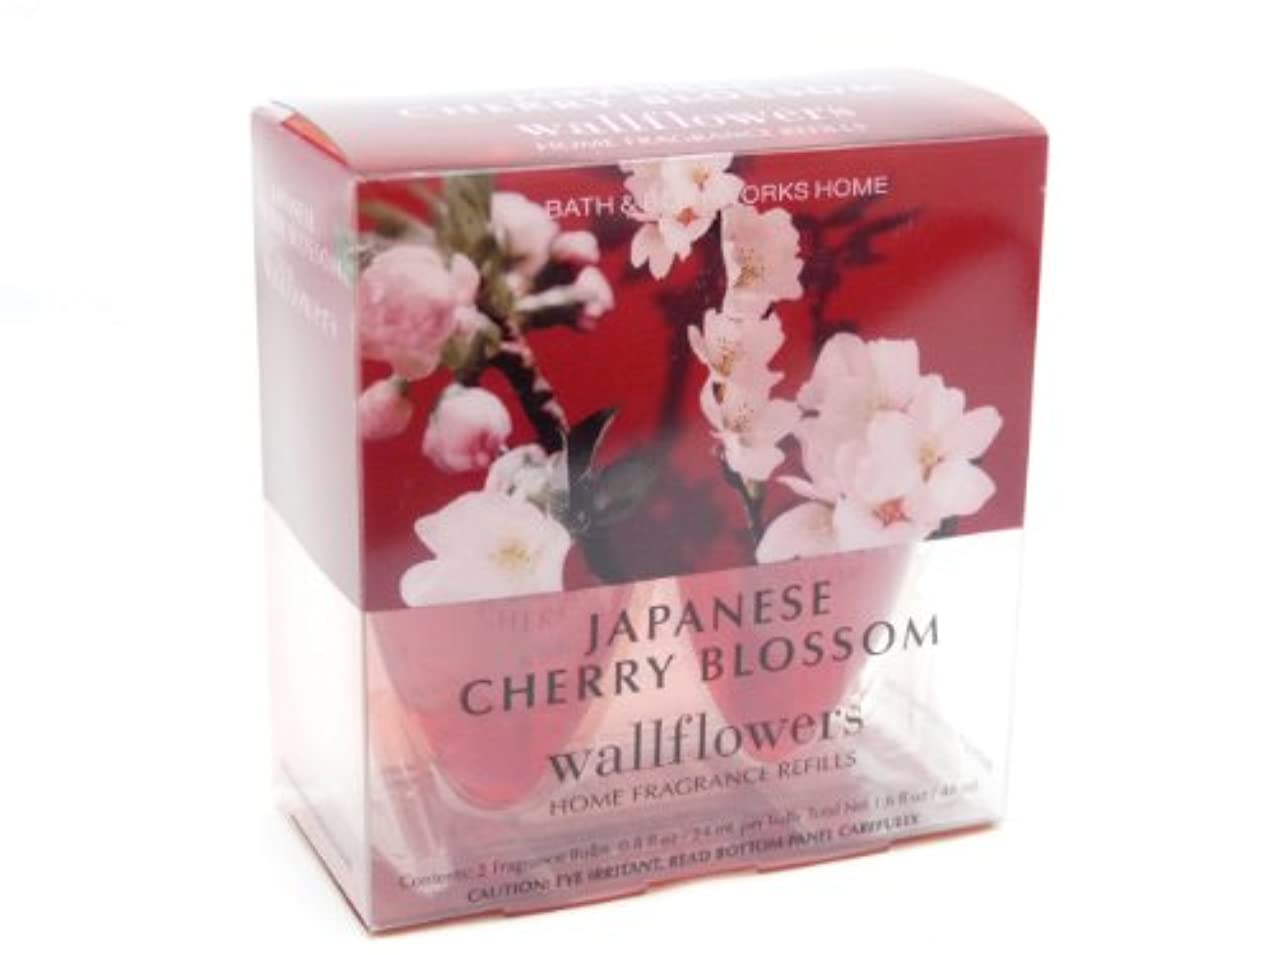 広範囲に散文何よりも[Bath&Body Works] [バス&ボディワークス] New ジャパニーズ チェリーブラッサム リフィル ルームフレグランス 2本入り Wall Flowers Japanese Cherry Blossom Refill